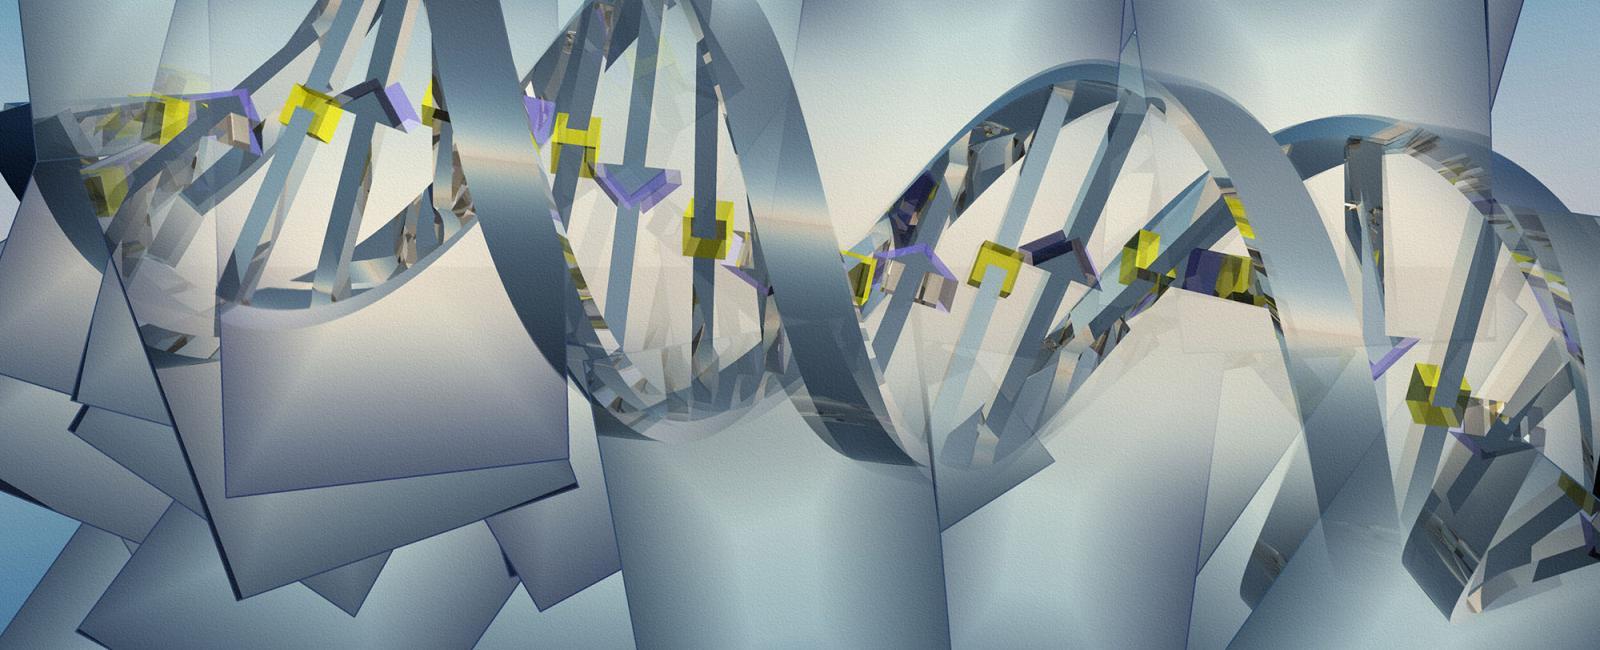 Art rendering of DNA